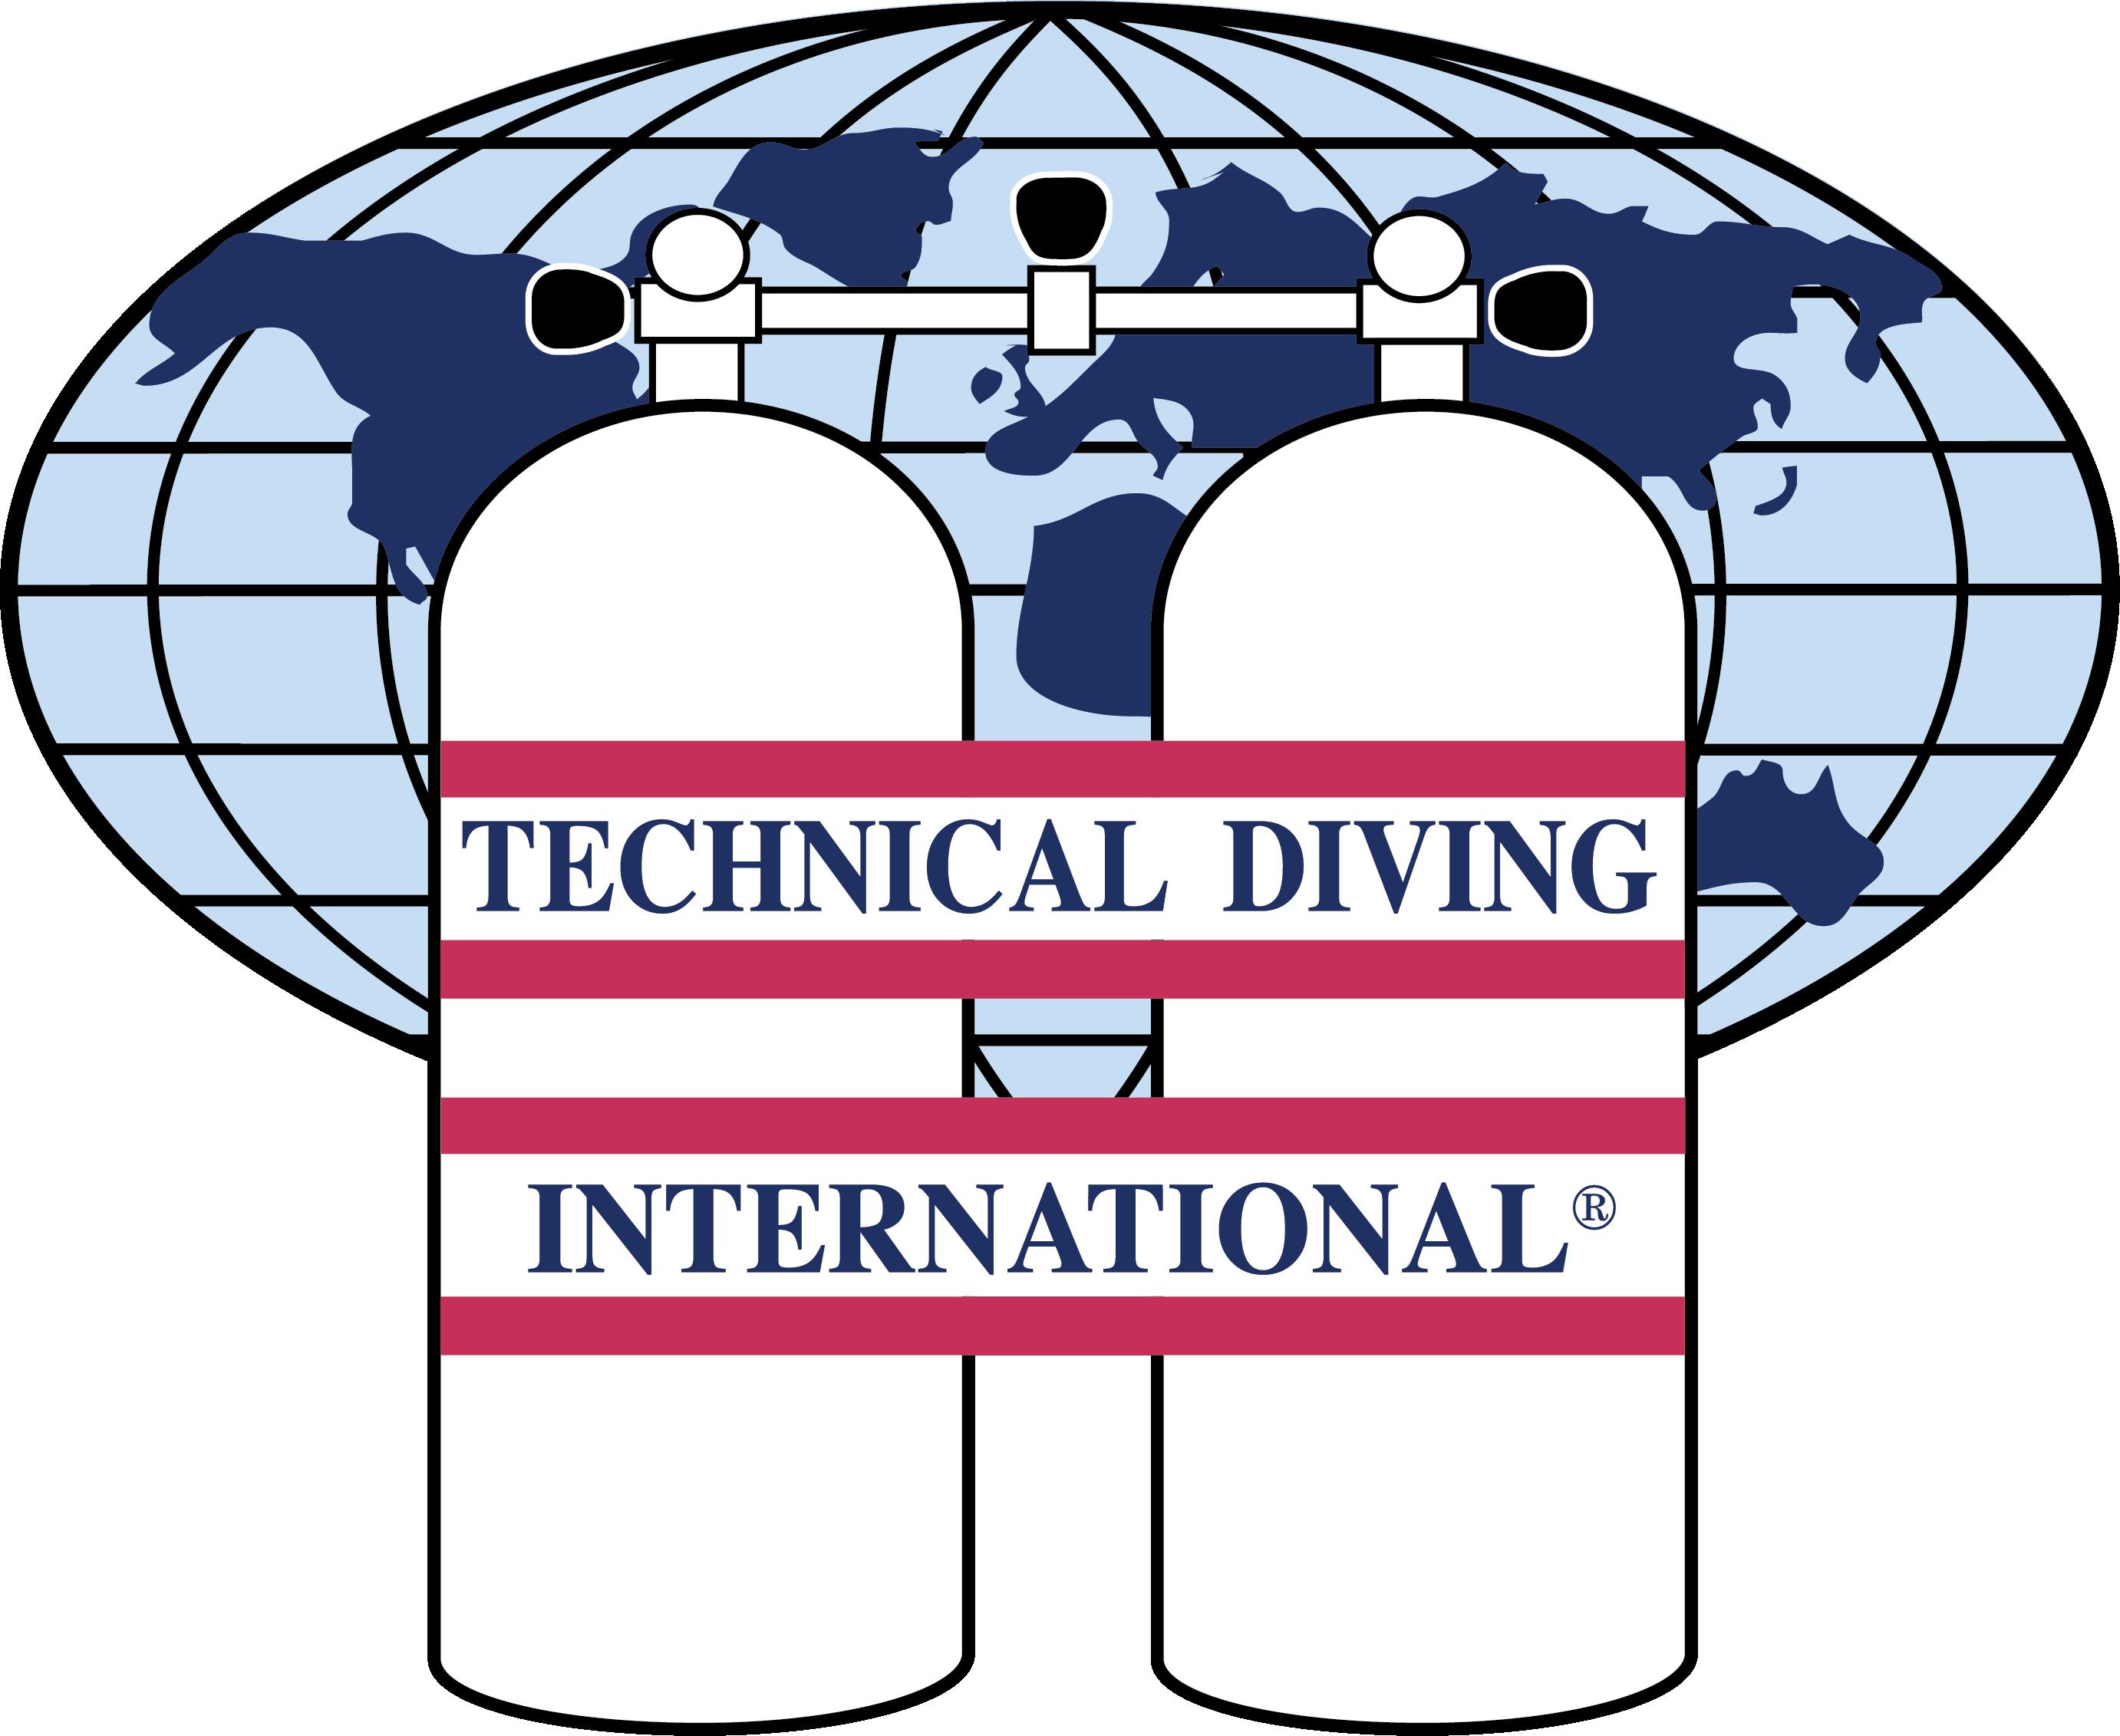 TDI Разширен обхват при използване на въздух и въведение в Тримикс ( TDI Extended Range / Trimix ) - учебник на български език